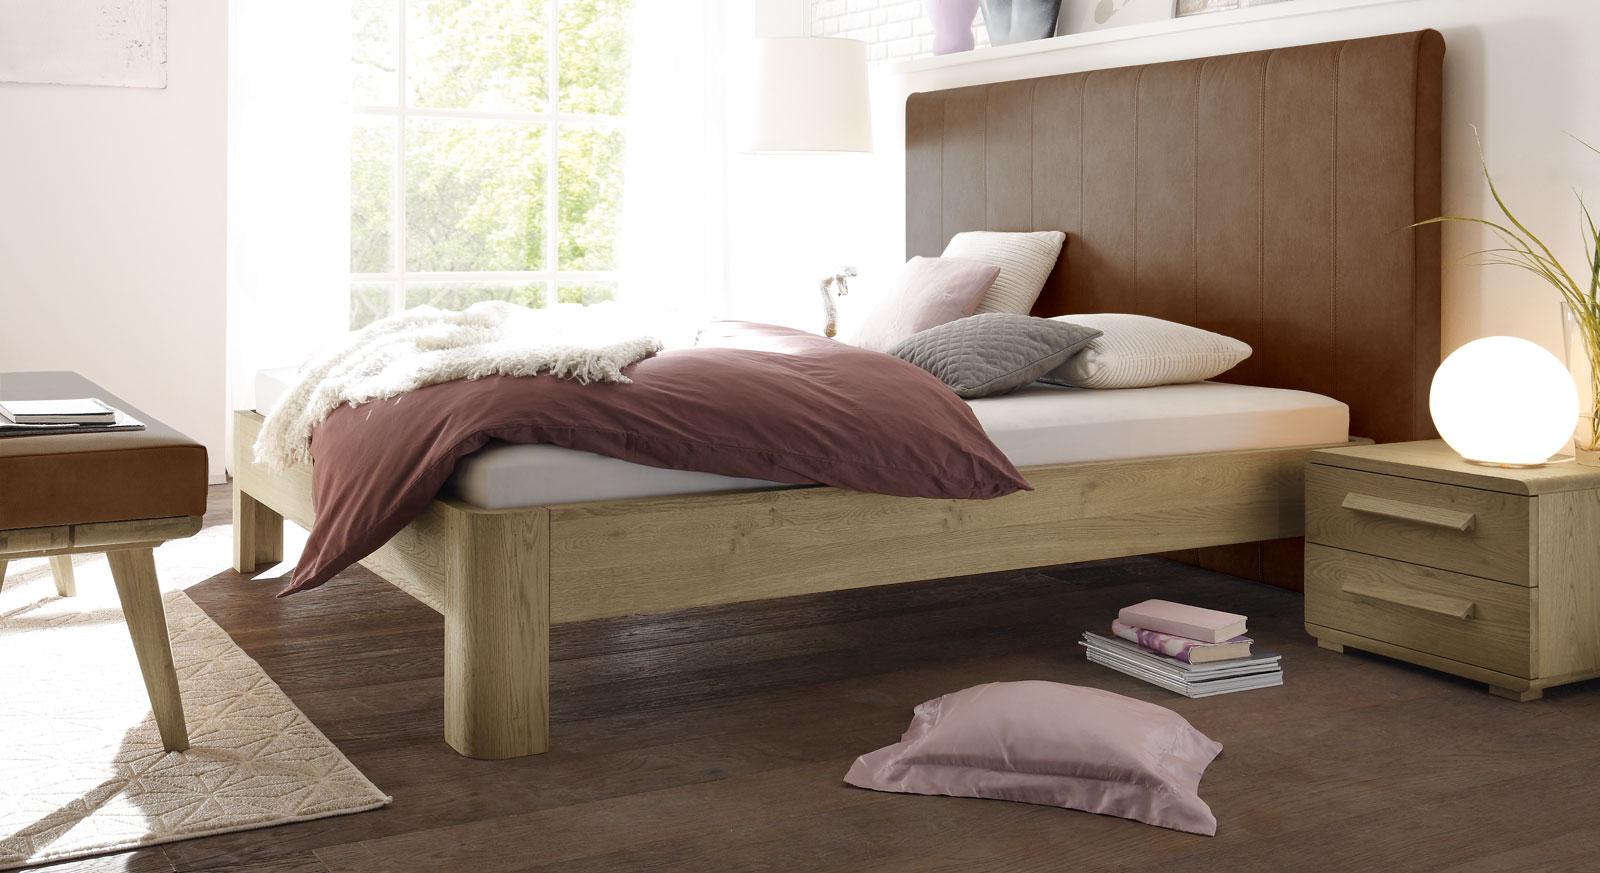 Bett Banco aus cognacfarbenem Kunstleder und Eiche